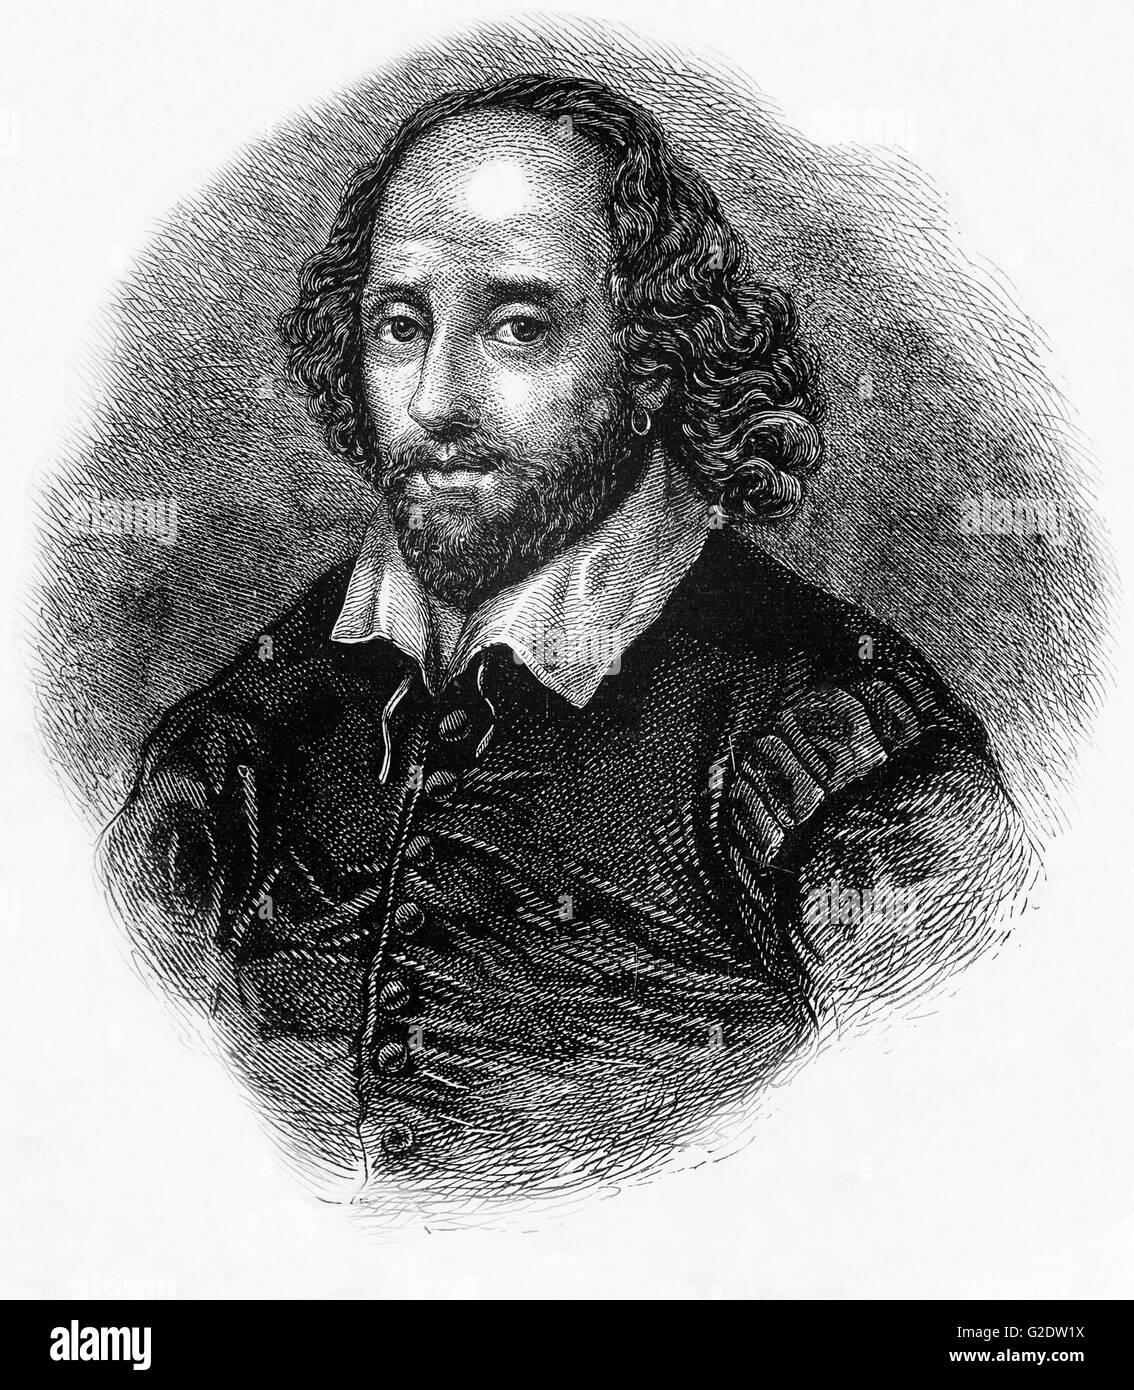 """William Shakespeare (1564 - 1616), anglais, poète, dramaturge et comédien, largement considéré comme le plus grand écrivain de langue anglaise et de la dramaturge prééminent; souvent appelé l'Angleterre poète national, et le """"Barde de Avon' Banque D'Images"""